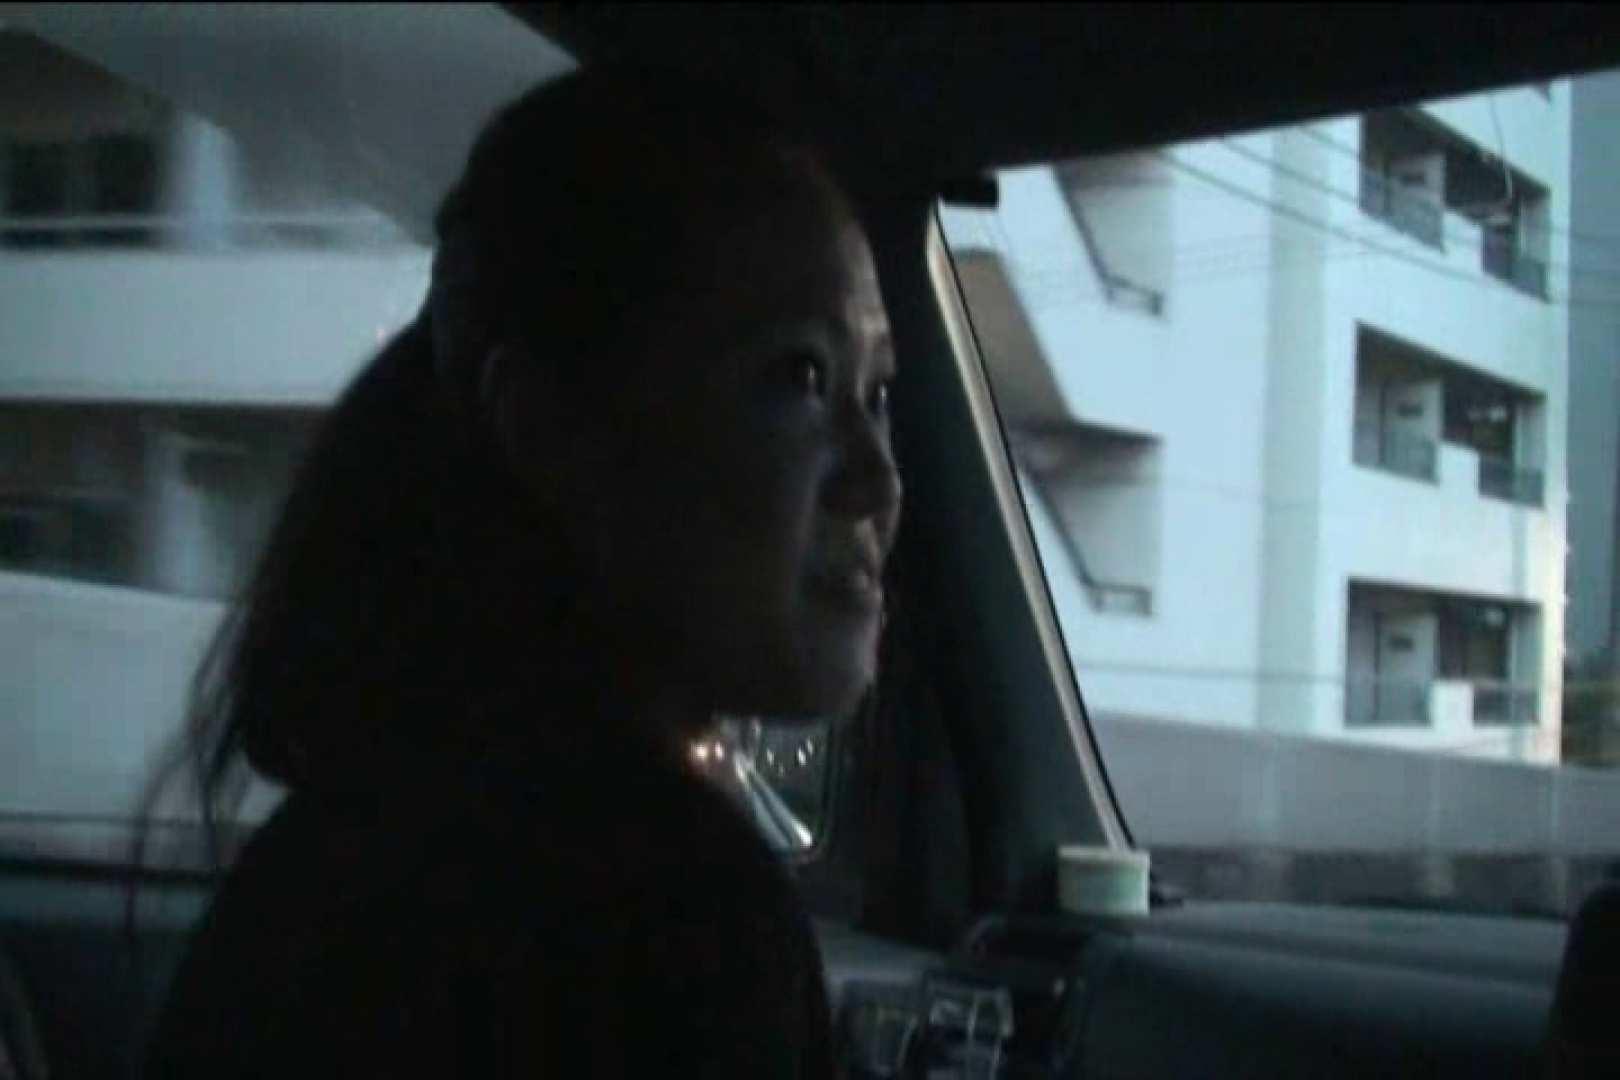 車内で初めまして! vol01 出会い系 おまんこ無修正動画無料 105連発 34